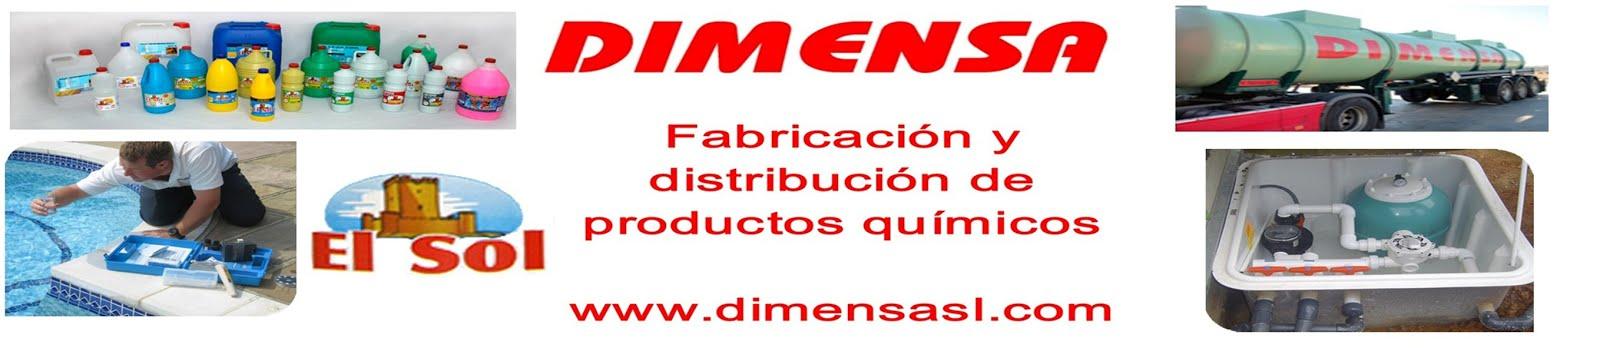 FABRICACION Y DISTRIBUCION DE PRODUCTOS QUIMICOS